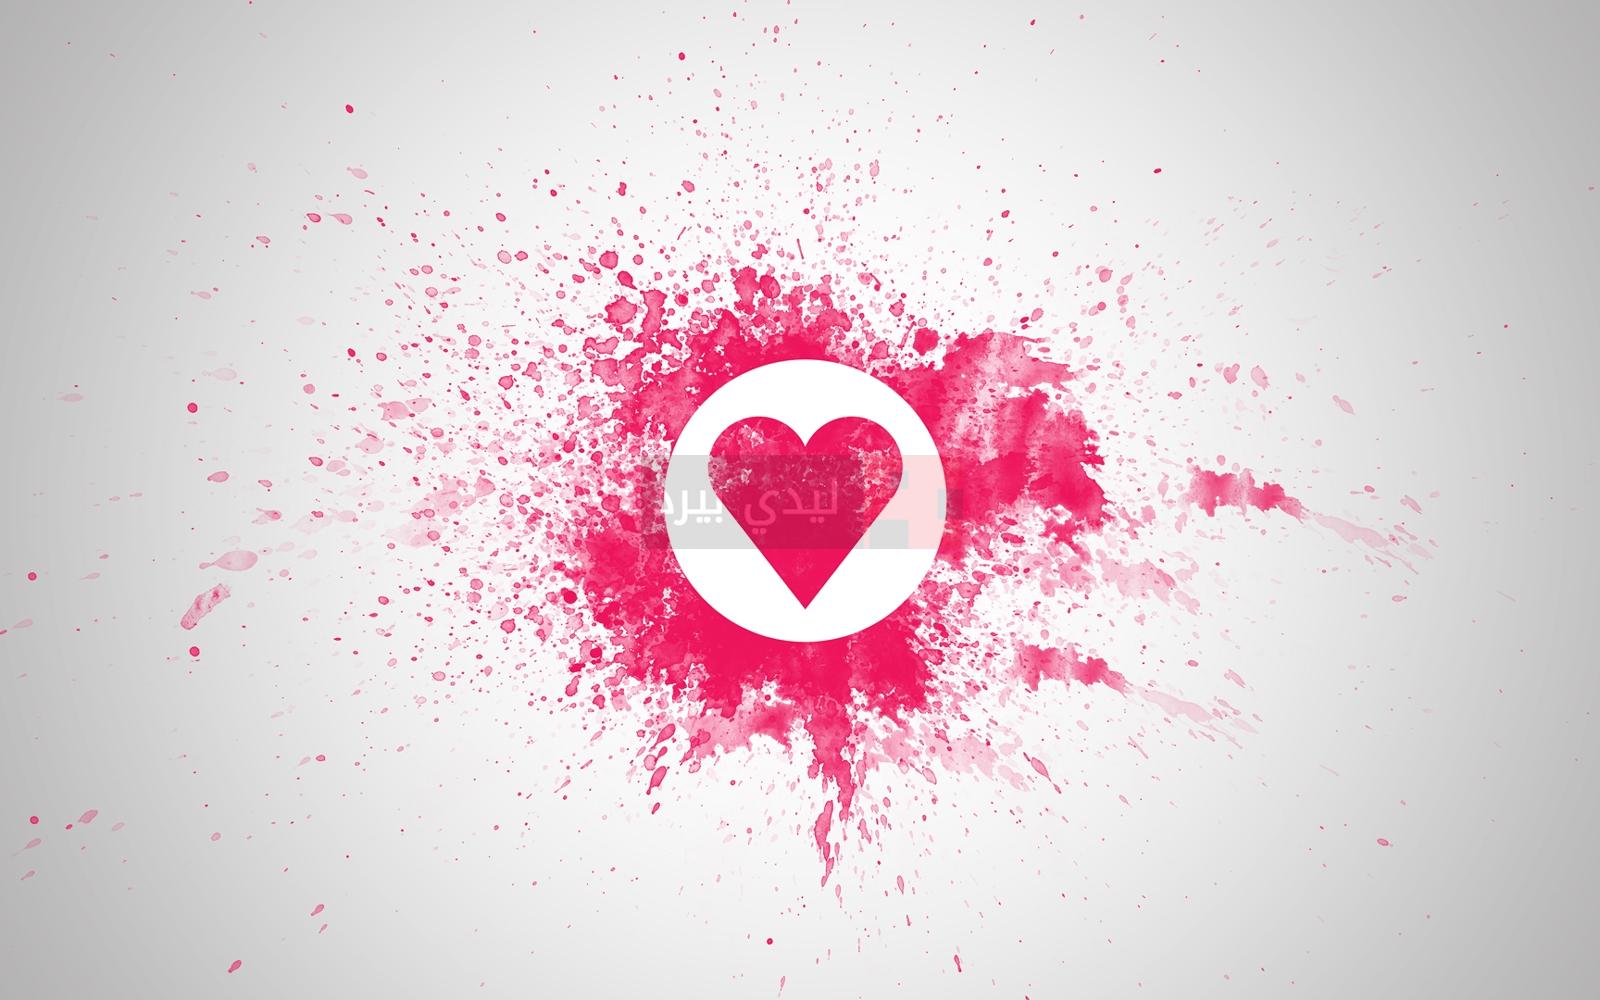 بالصور رسائل رومانسية , الرومانسيه ومسجات تحرك المشاعر 6700 6